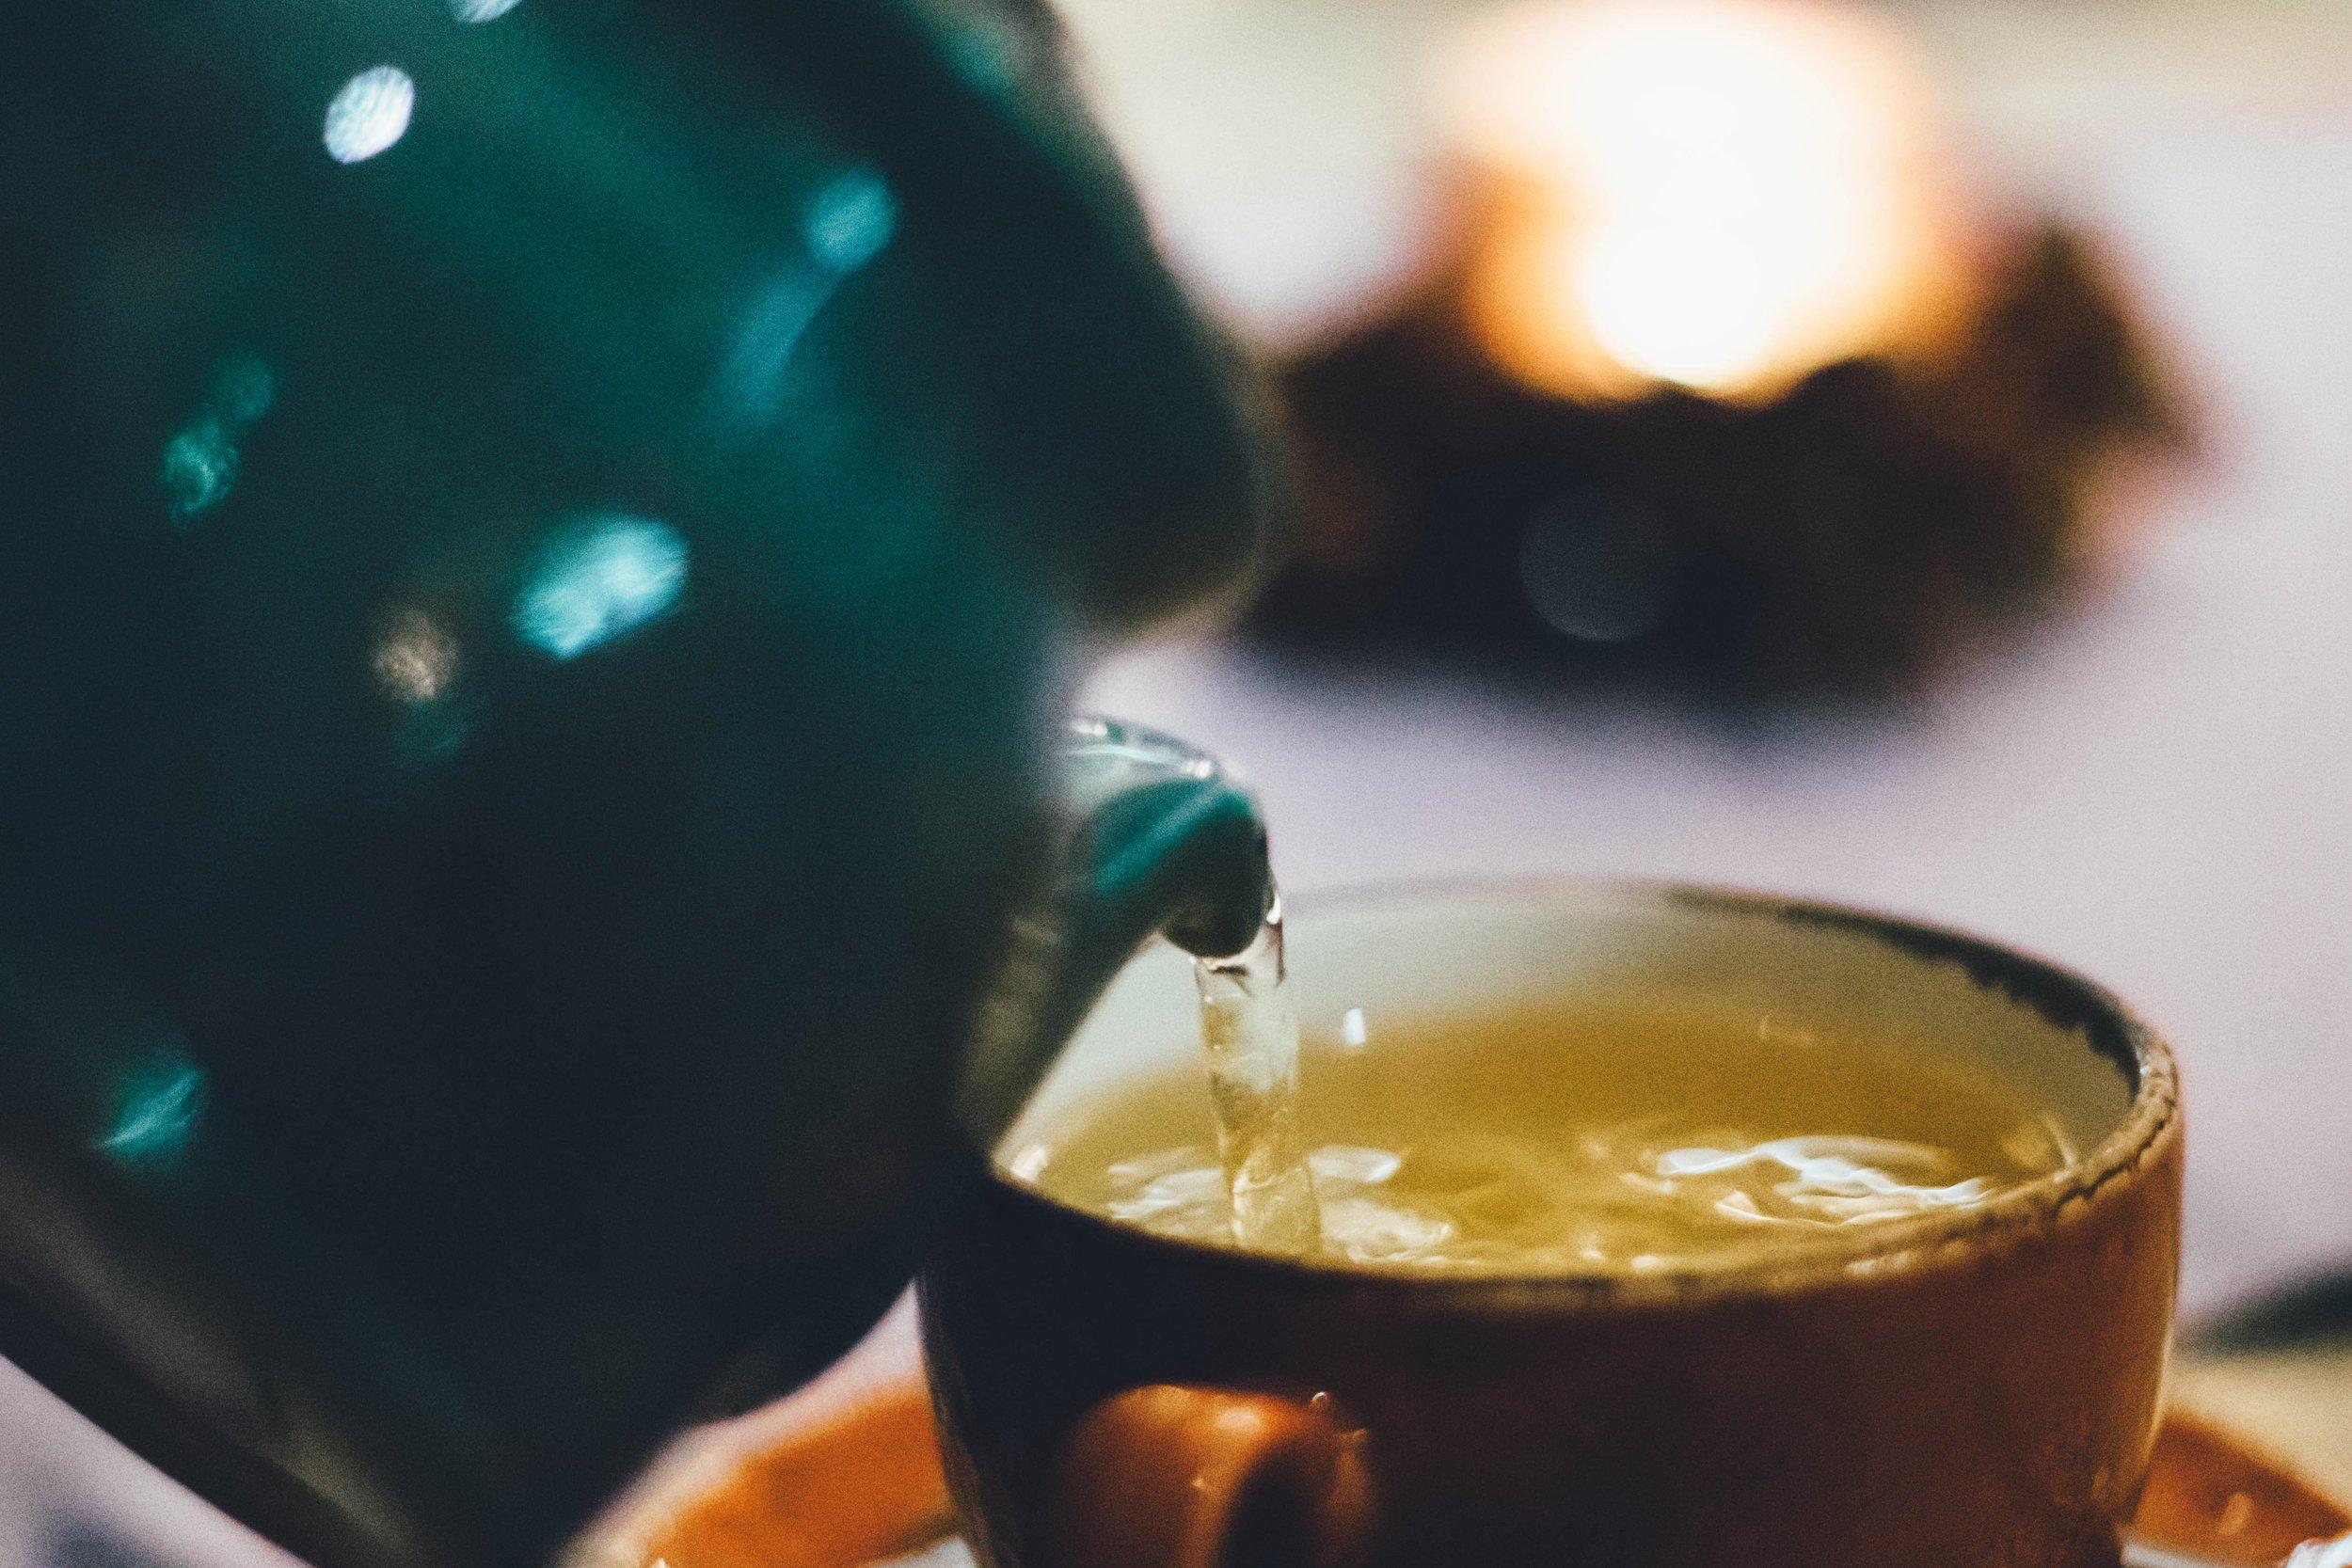 beverage-blur-caffeine-814264.jpg